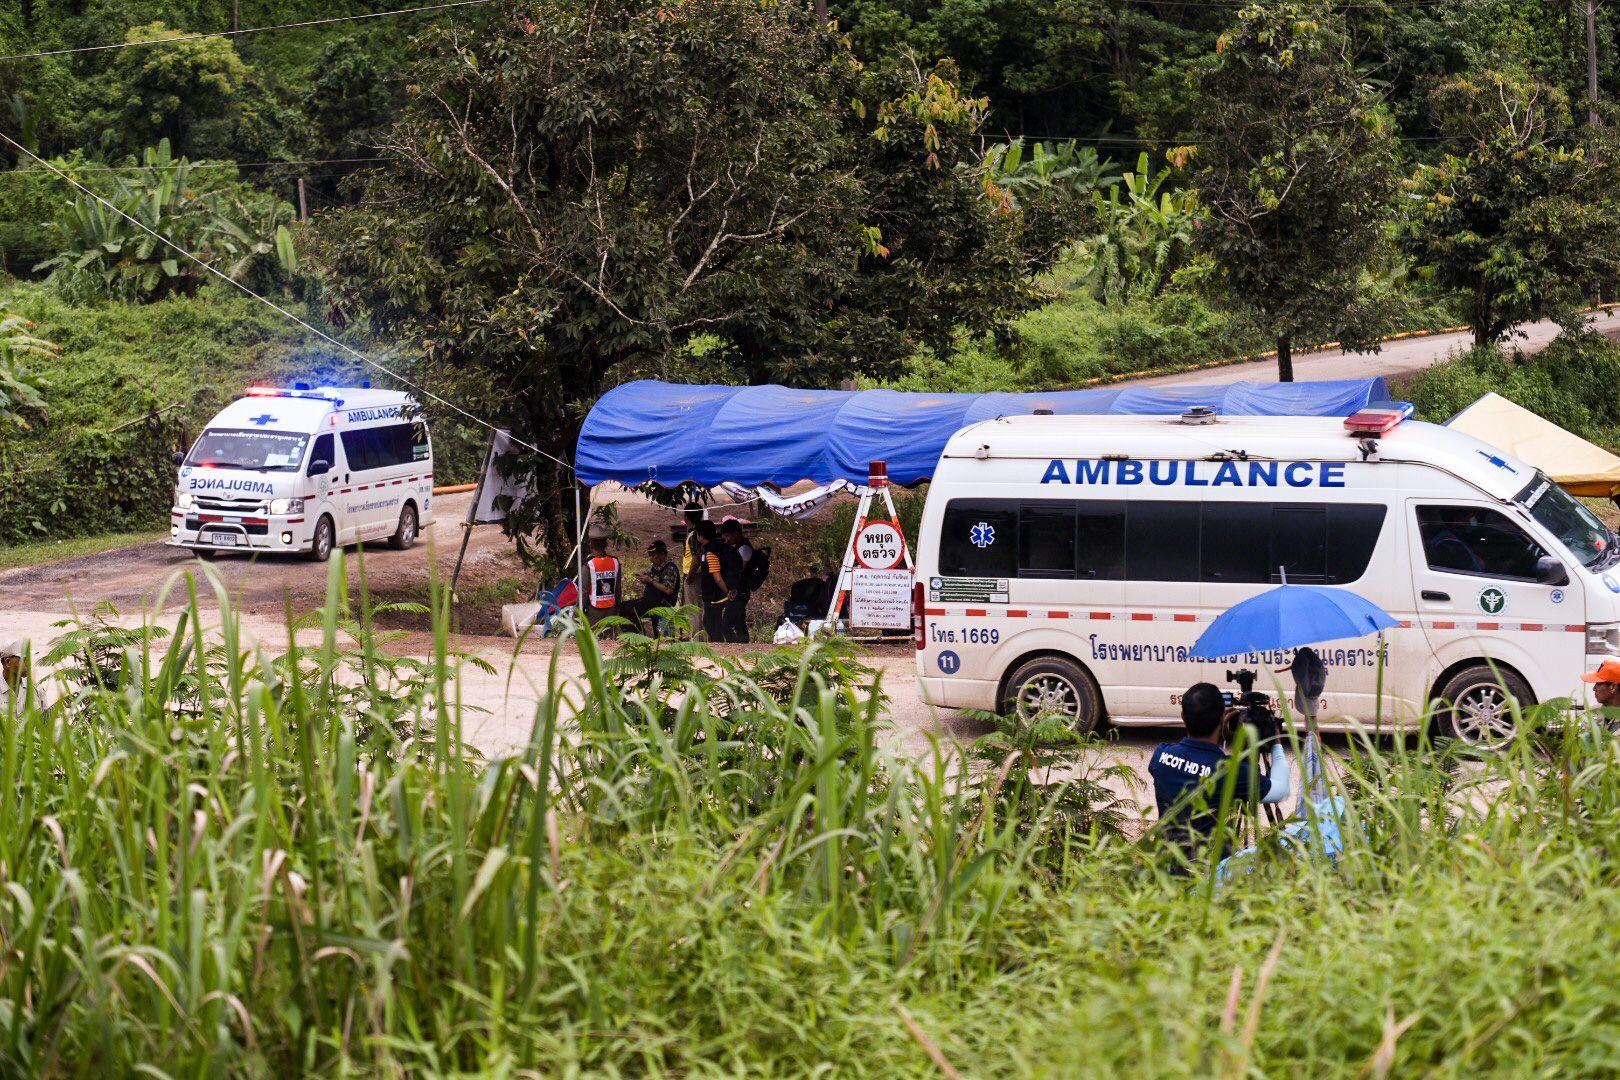 PÅ VEI UT: Her er ambulanser på vei ut fra grotteområdet i Mae Sai. Guttene og treneren som har vært fanget i grotten siden 23. juni, ble fraktet til sykehuset i Chiang Rai, en times kjøretur fra grotten.